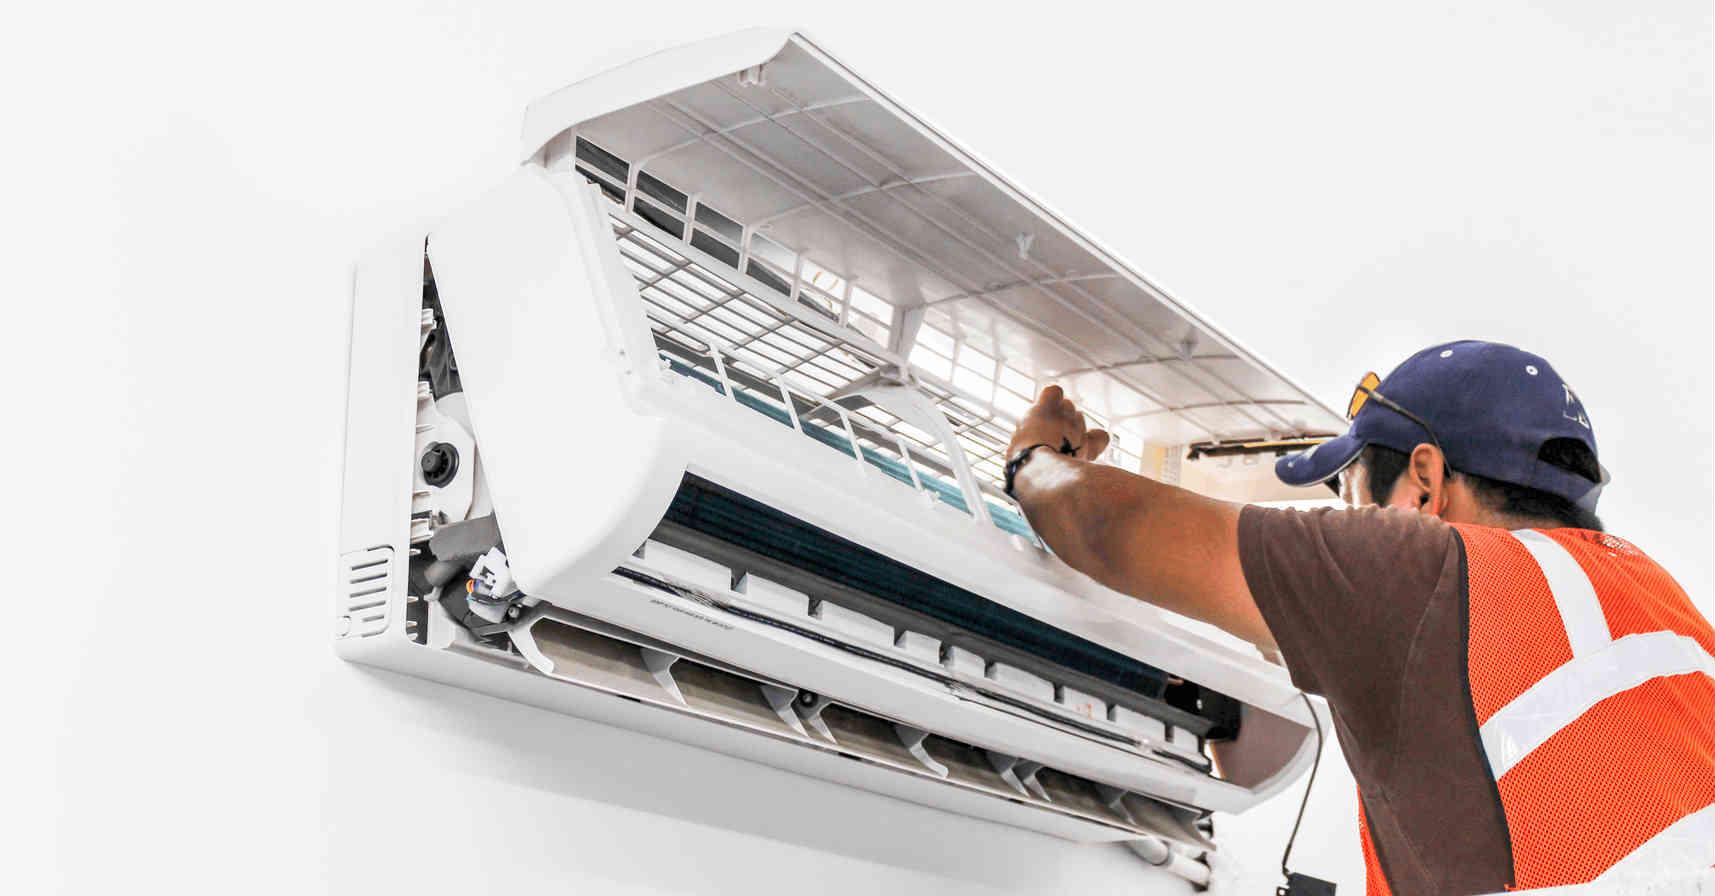 Bảng giá lắp đặt máy lạnh tại Kỹ Việt